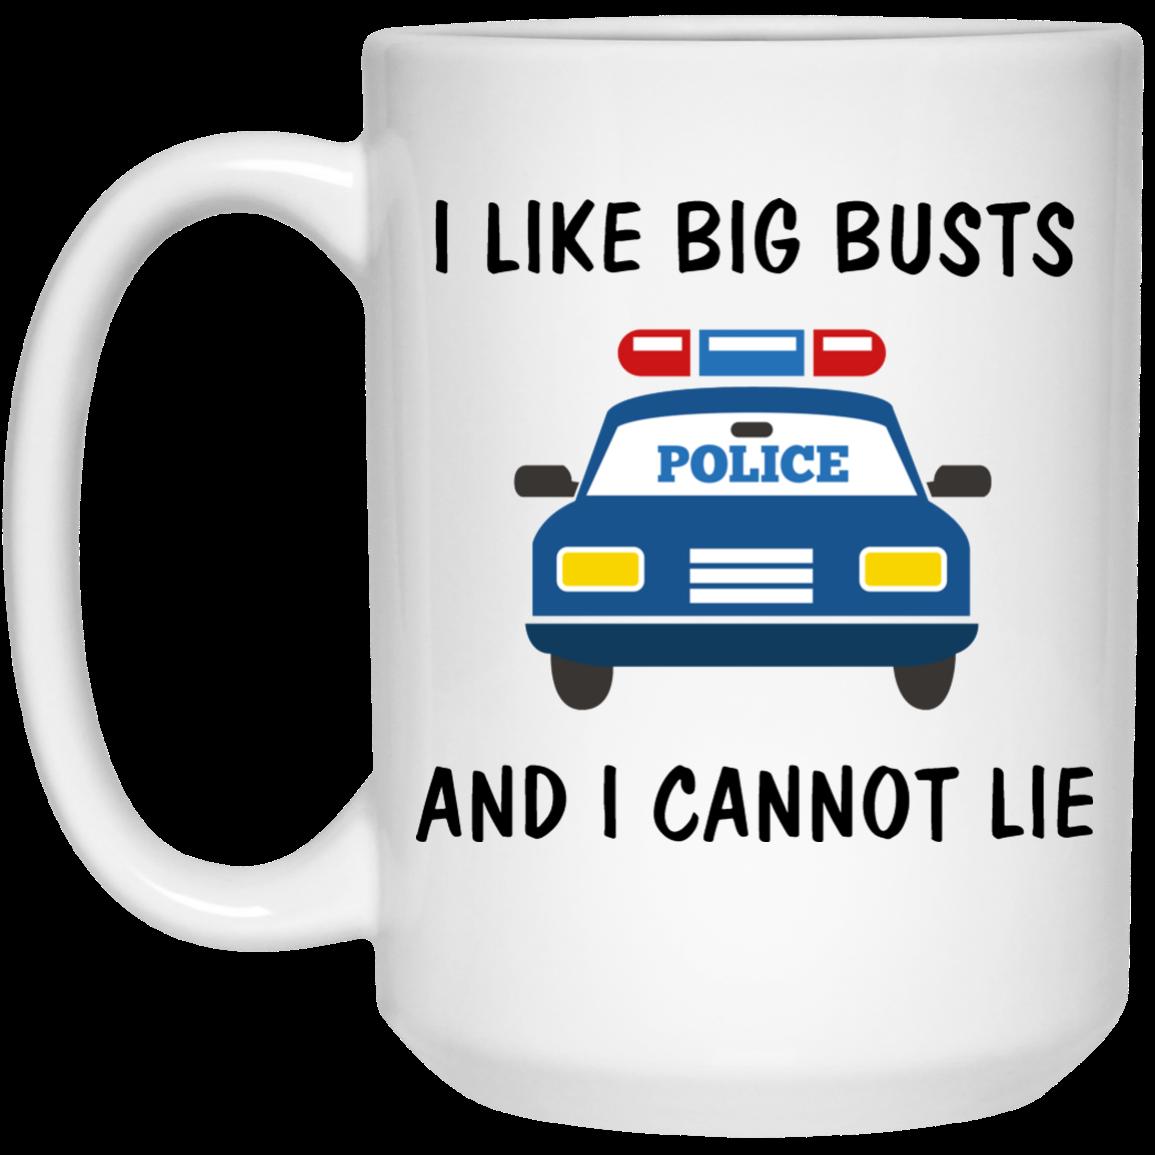 image 5 - I like big busts and I cannot lie mug